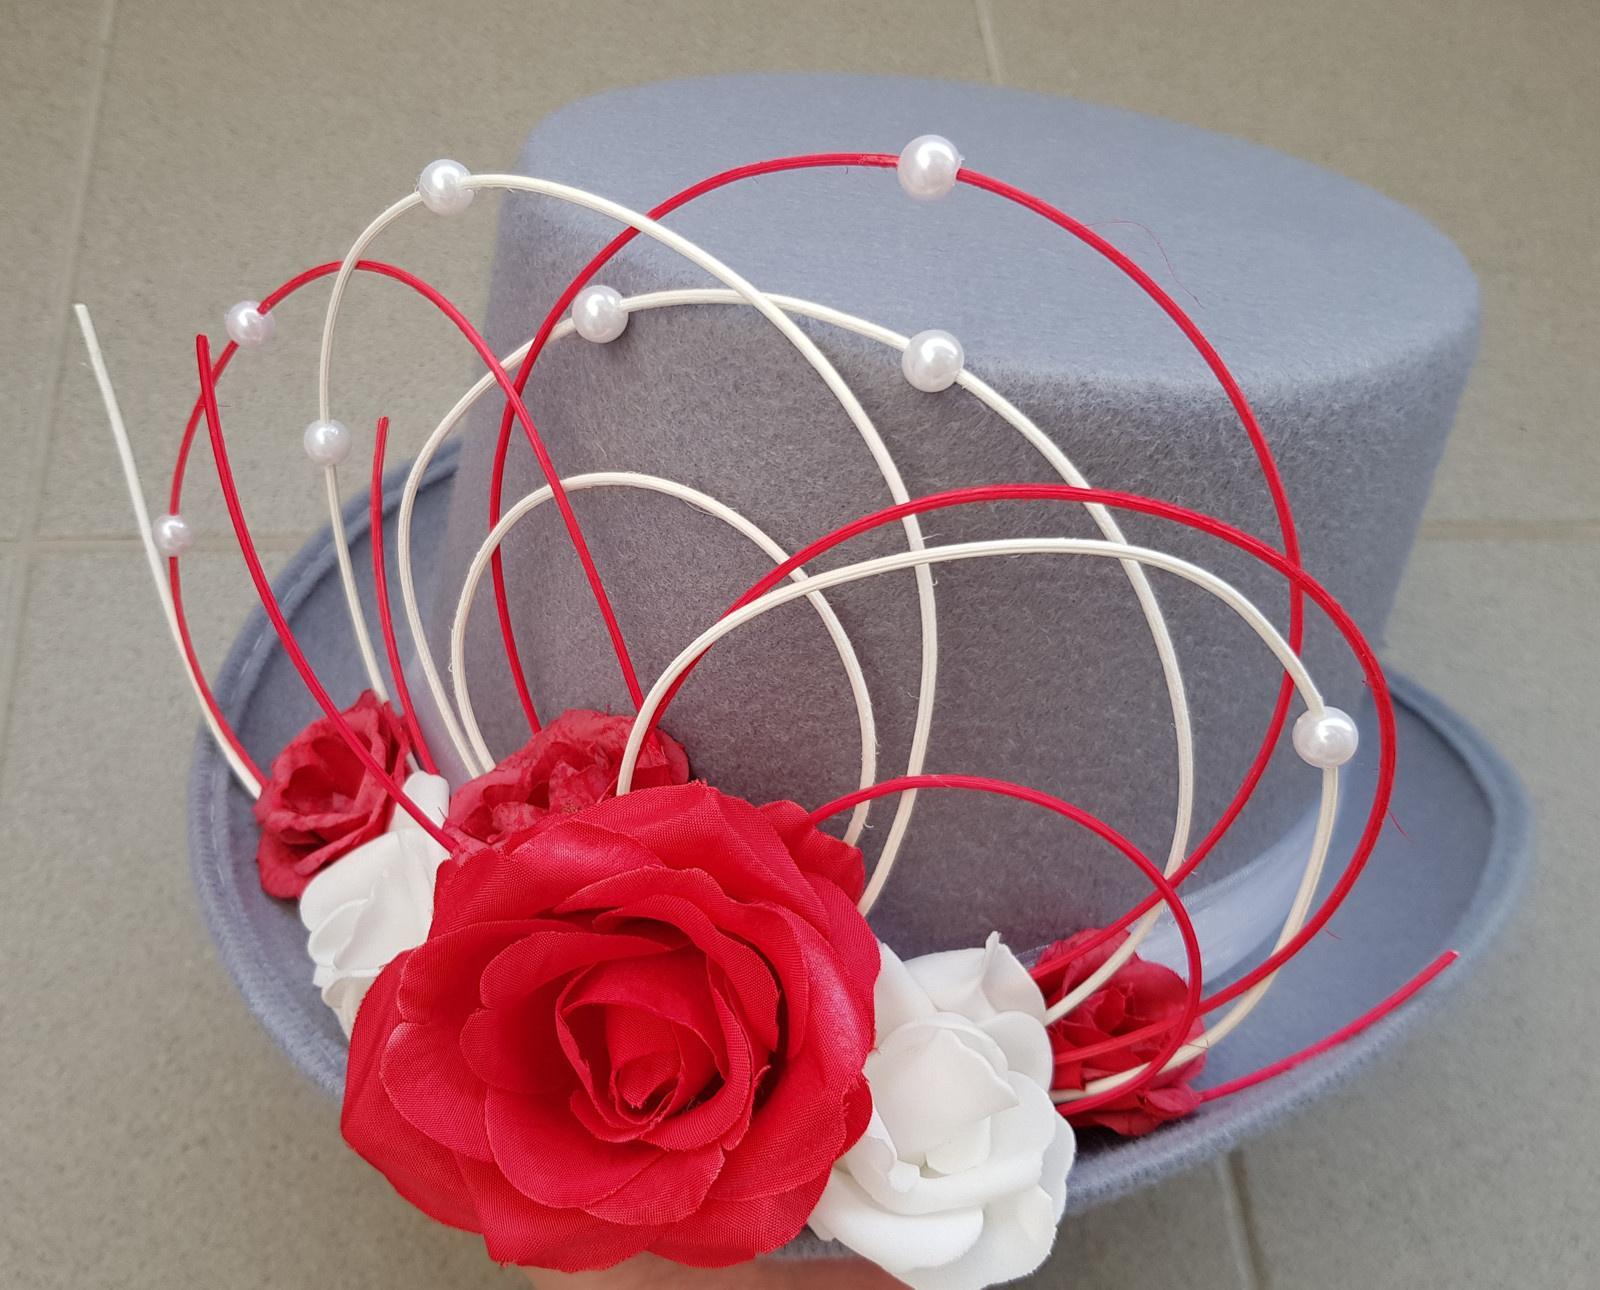 Srdce na kapotu bílá, šedá a červená - Obrázek č. 3